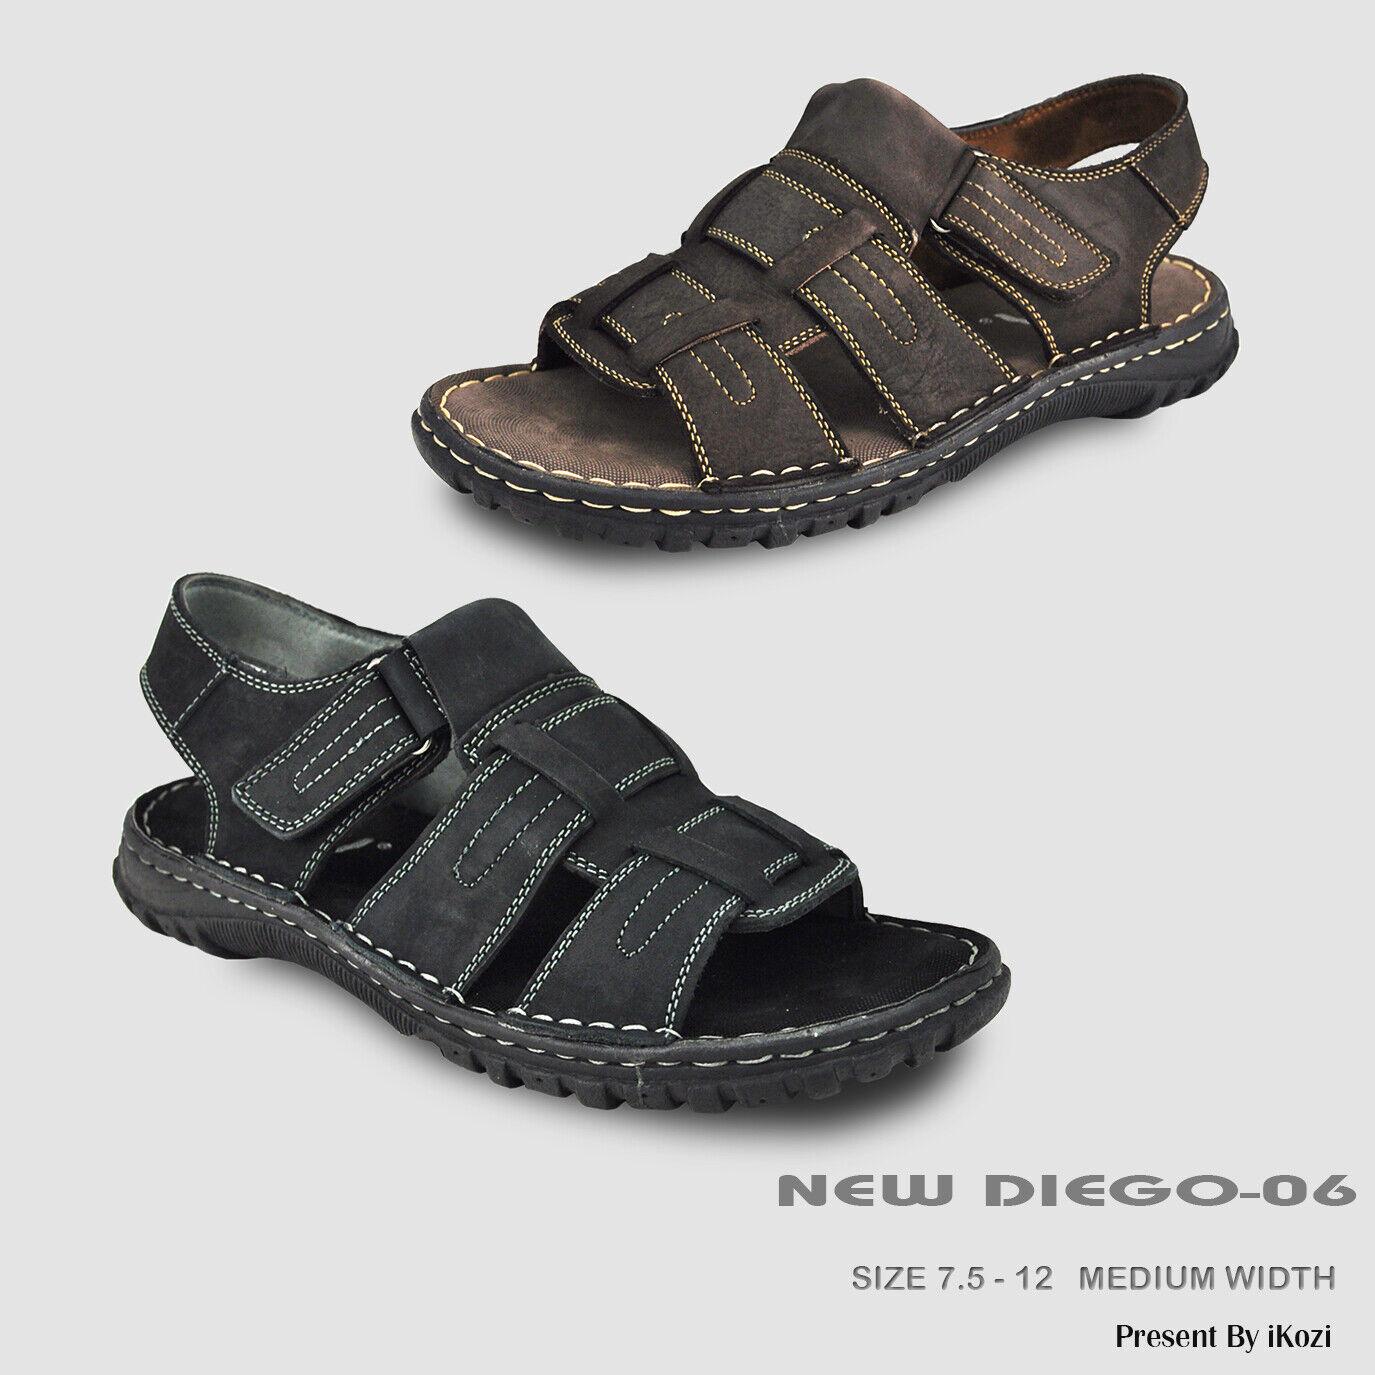 KOZI Nuovi Uomini Cuoio Sandal NEW DIEGO -06 Con Strap  Instep regolabile  vendita online